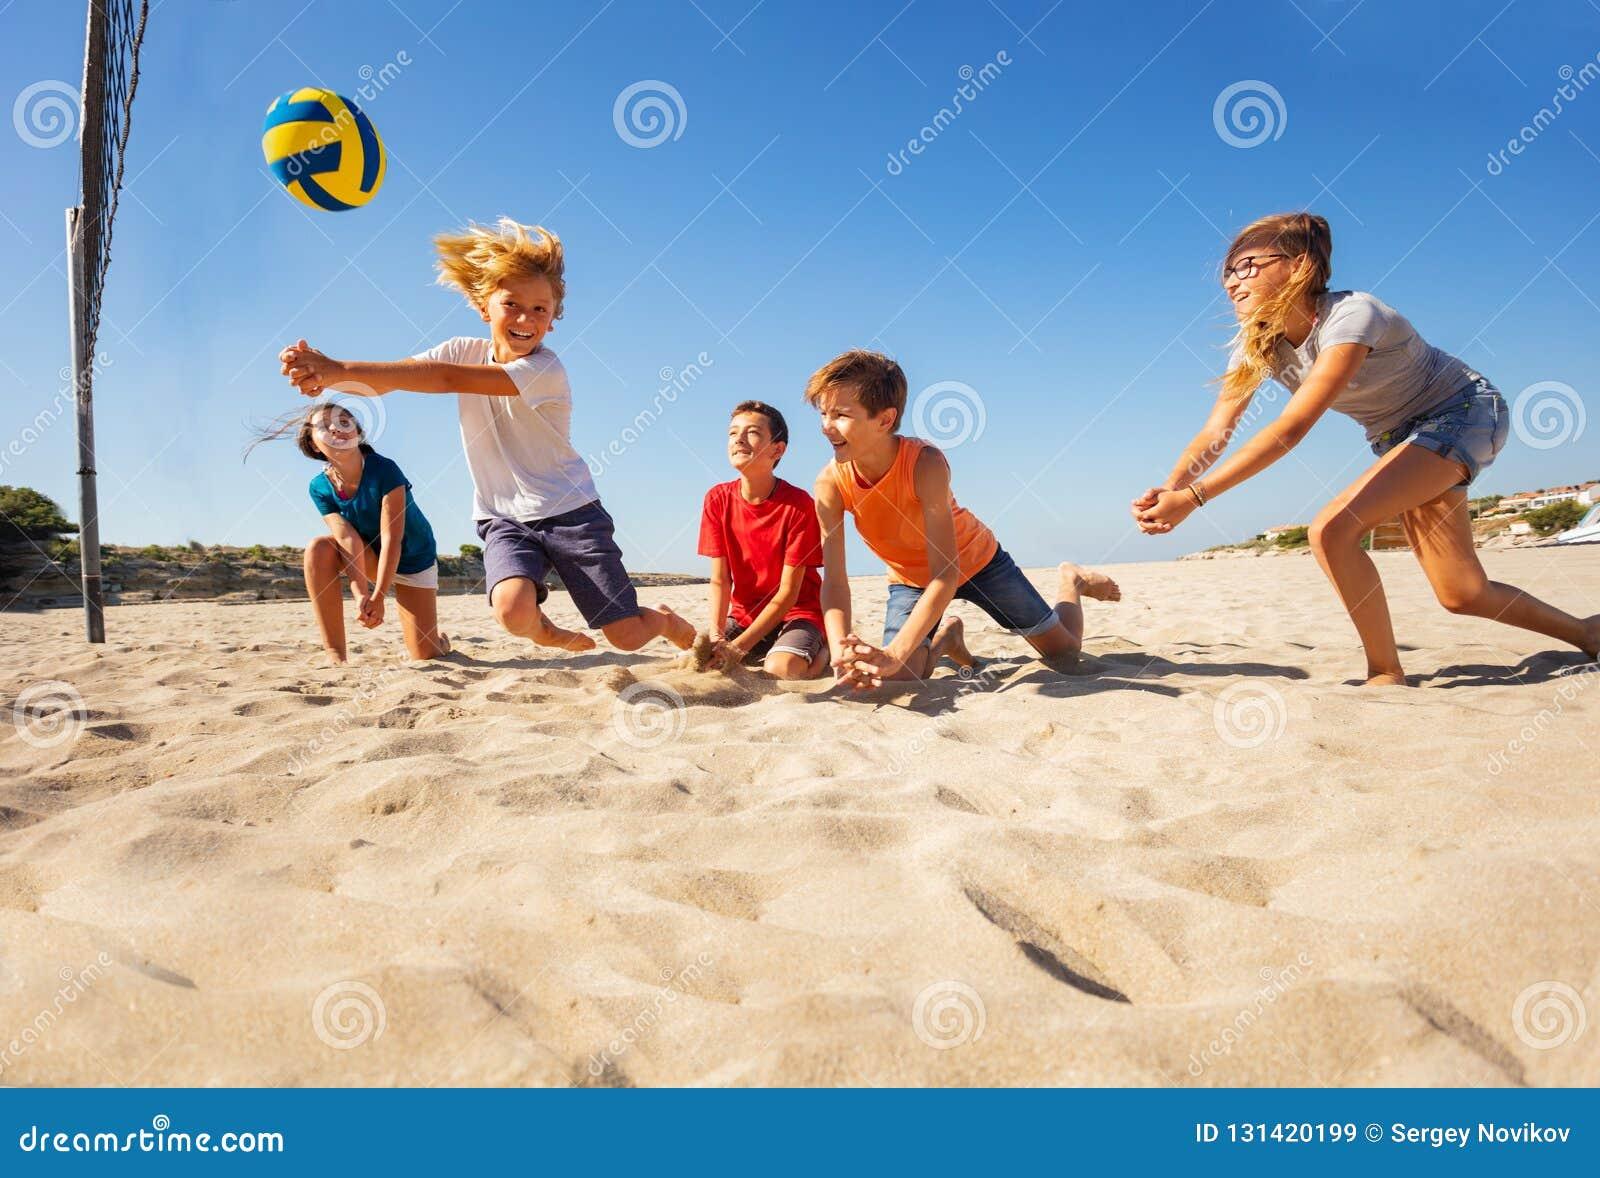 Αγόρι που κάνει την πρόσκρουση να περάσει κατά τη διάρκεια του παιχνιδιού πετοσφαίρισης παραλιών